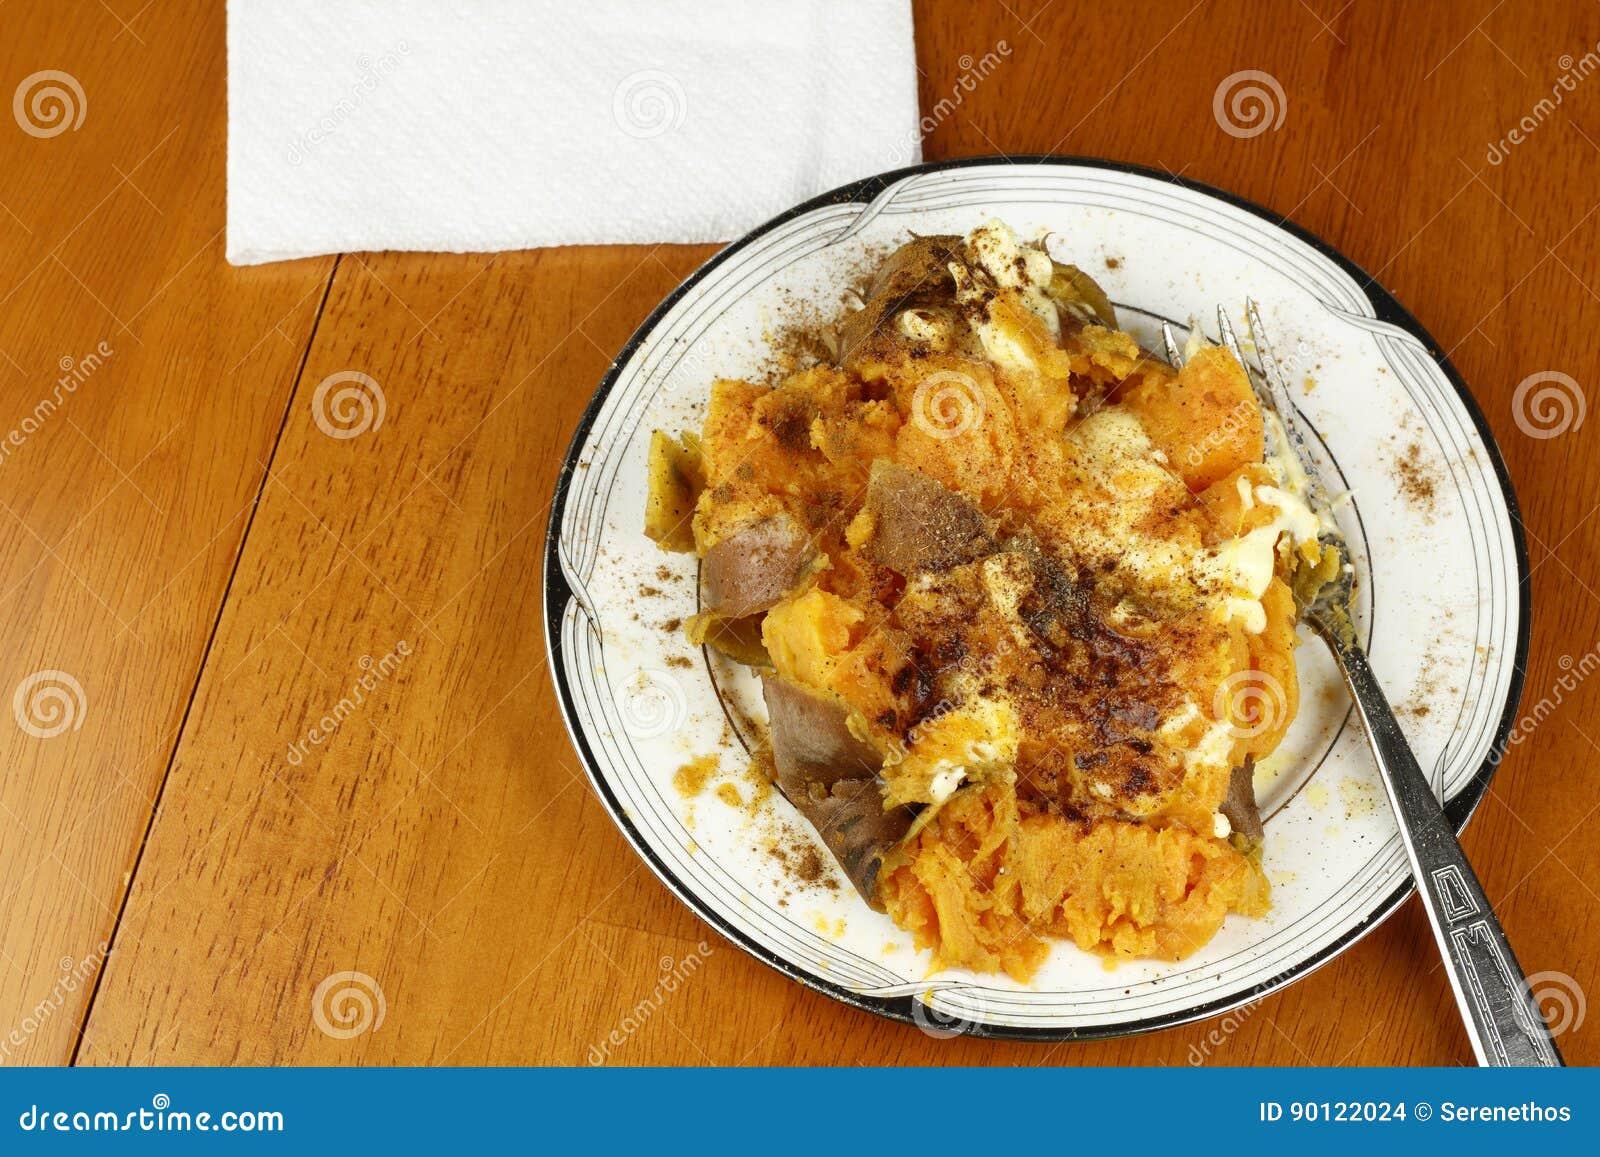 Plate Full of Seasoned Sweet Potato